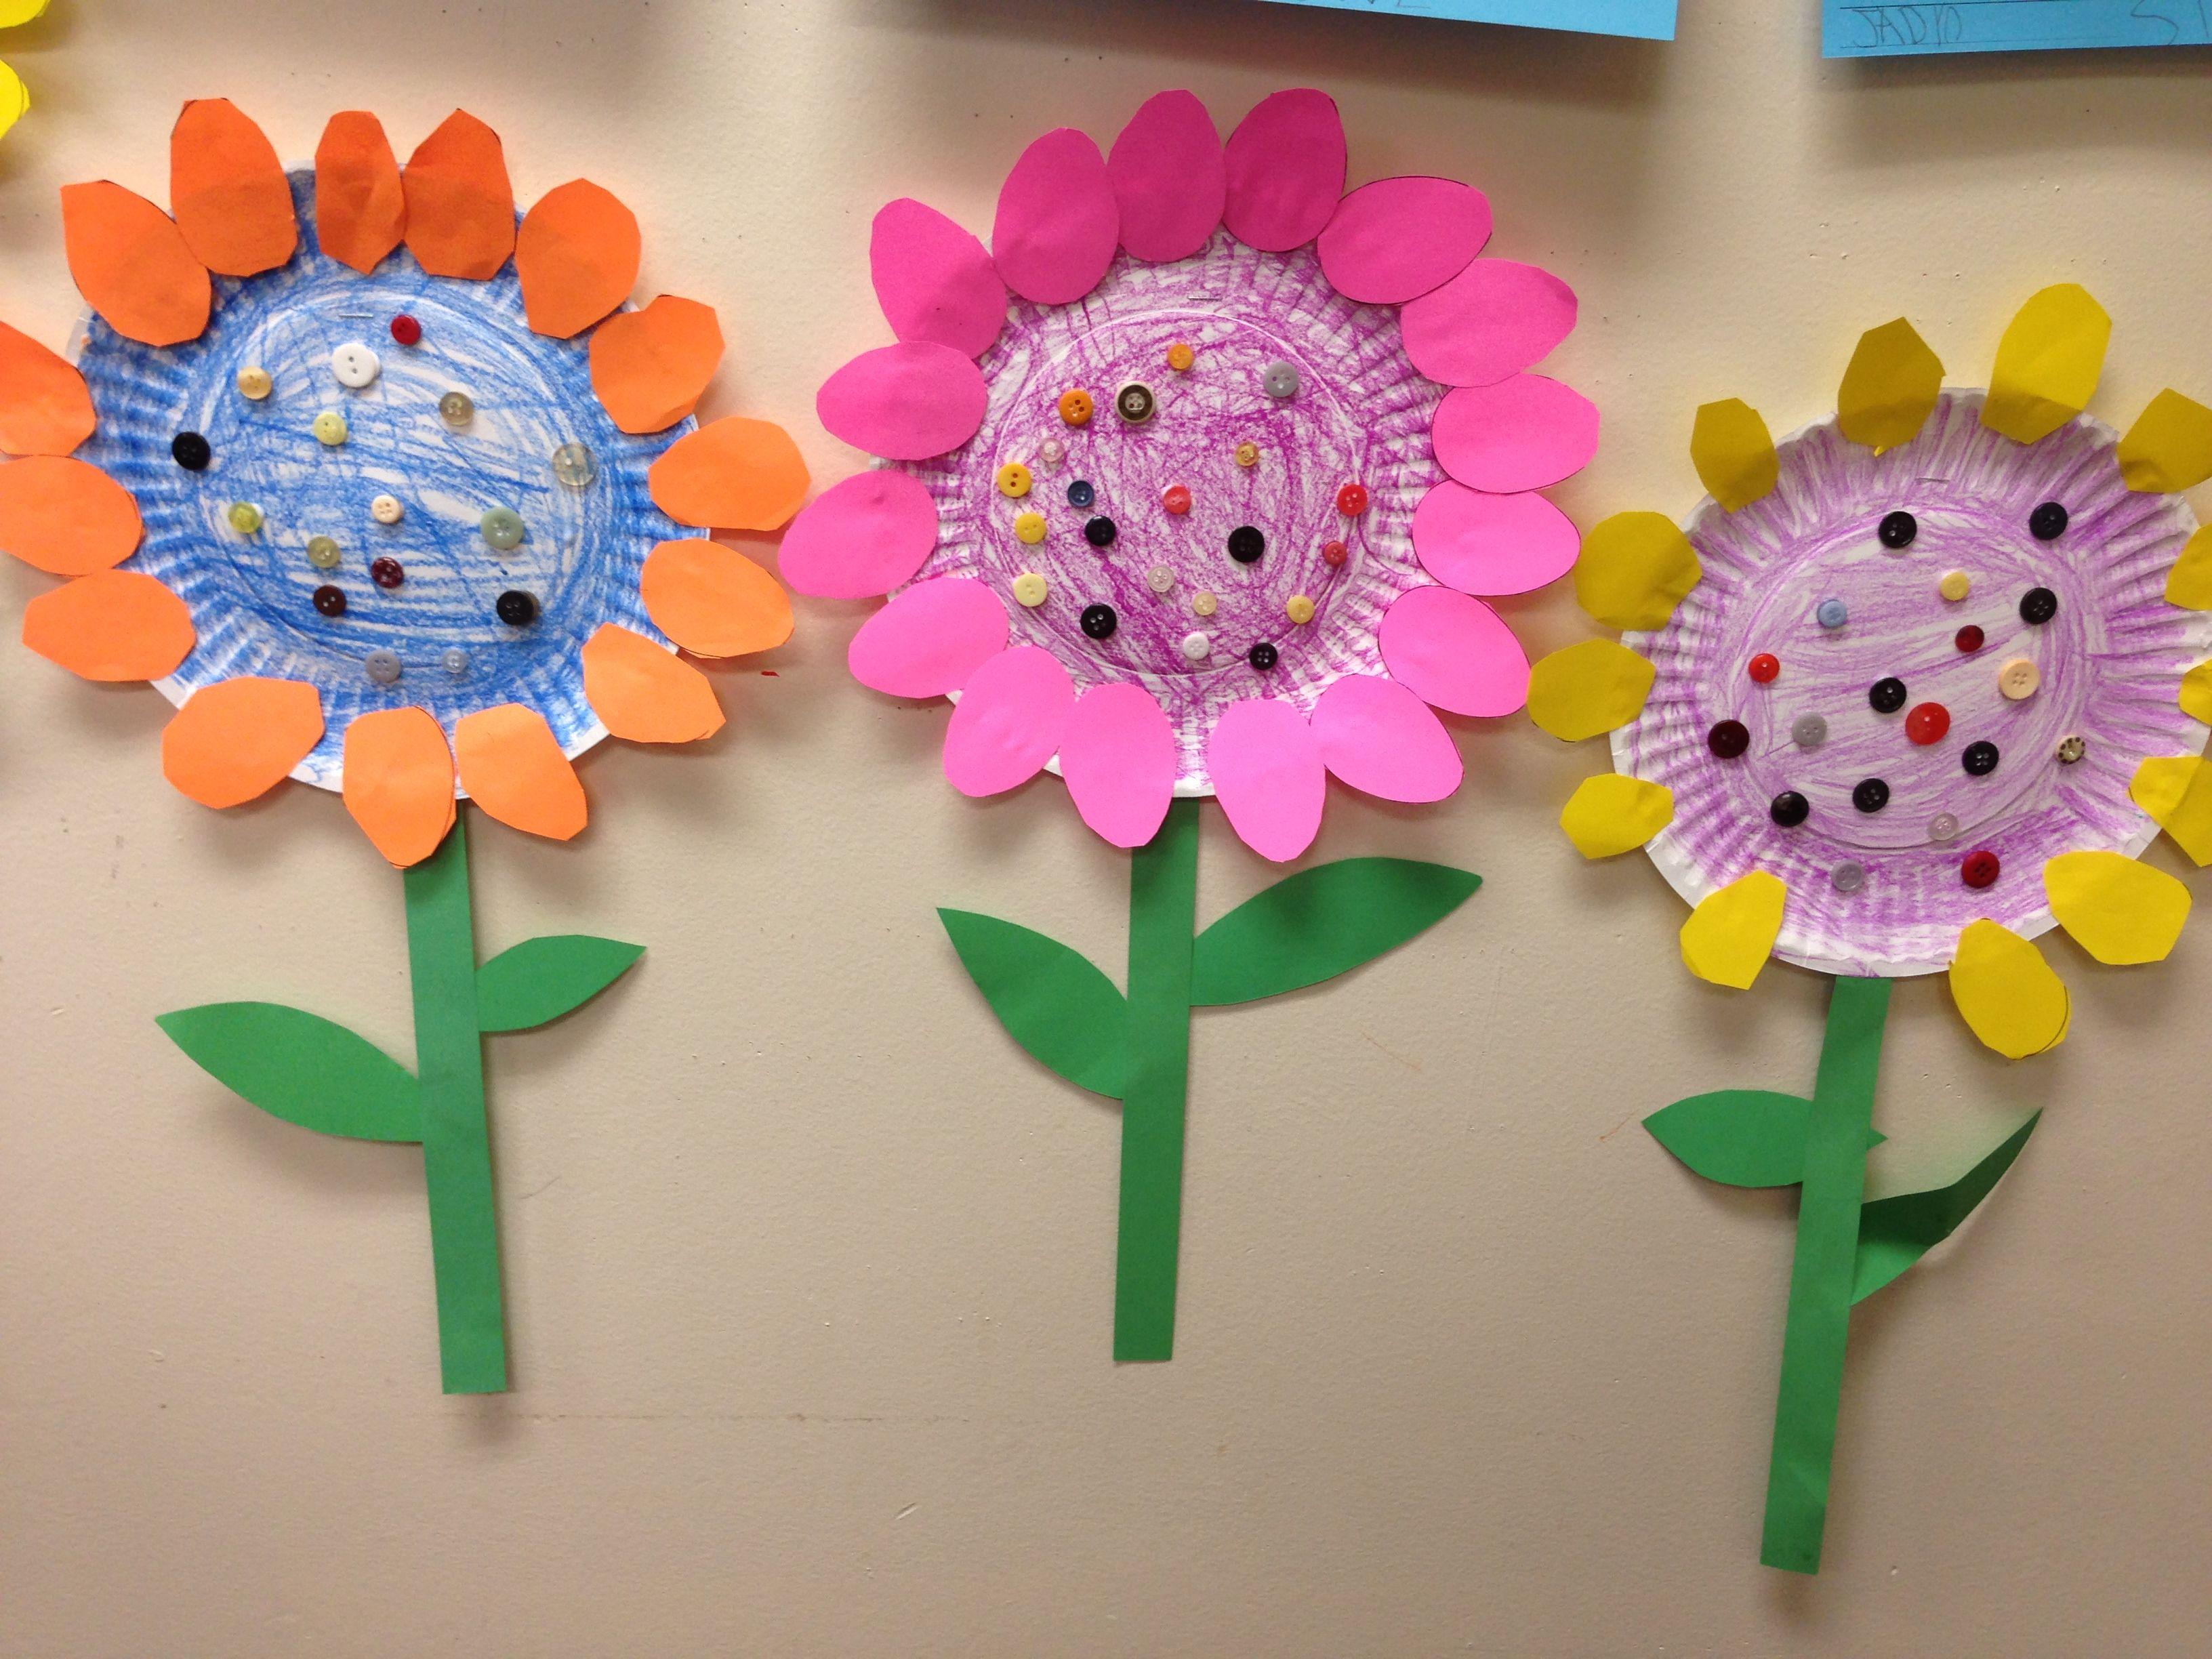 Paper plate flowers #littlehandsbigplans & Paper plate flowers #littlehandsbigplans | Kids Crafts | Pinterest ...